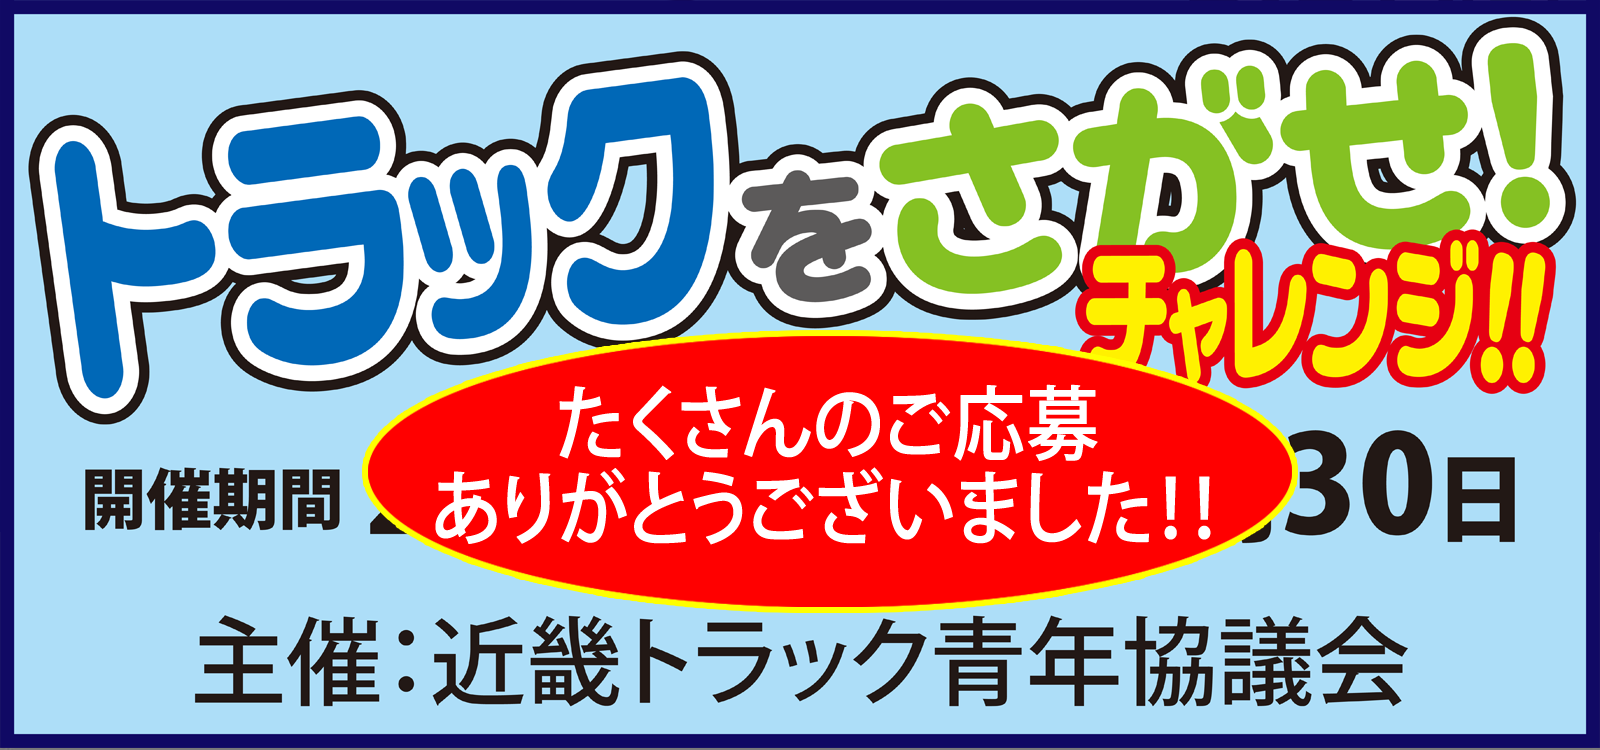 トラックをさがせ! チャレンジ!! 近畿トラック青年協議会 たくさんのご応募ありがとうございました!